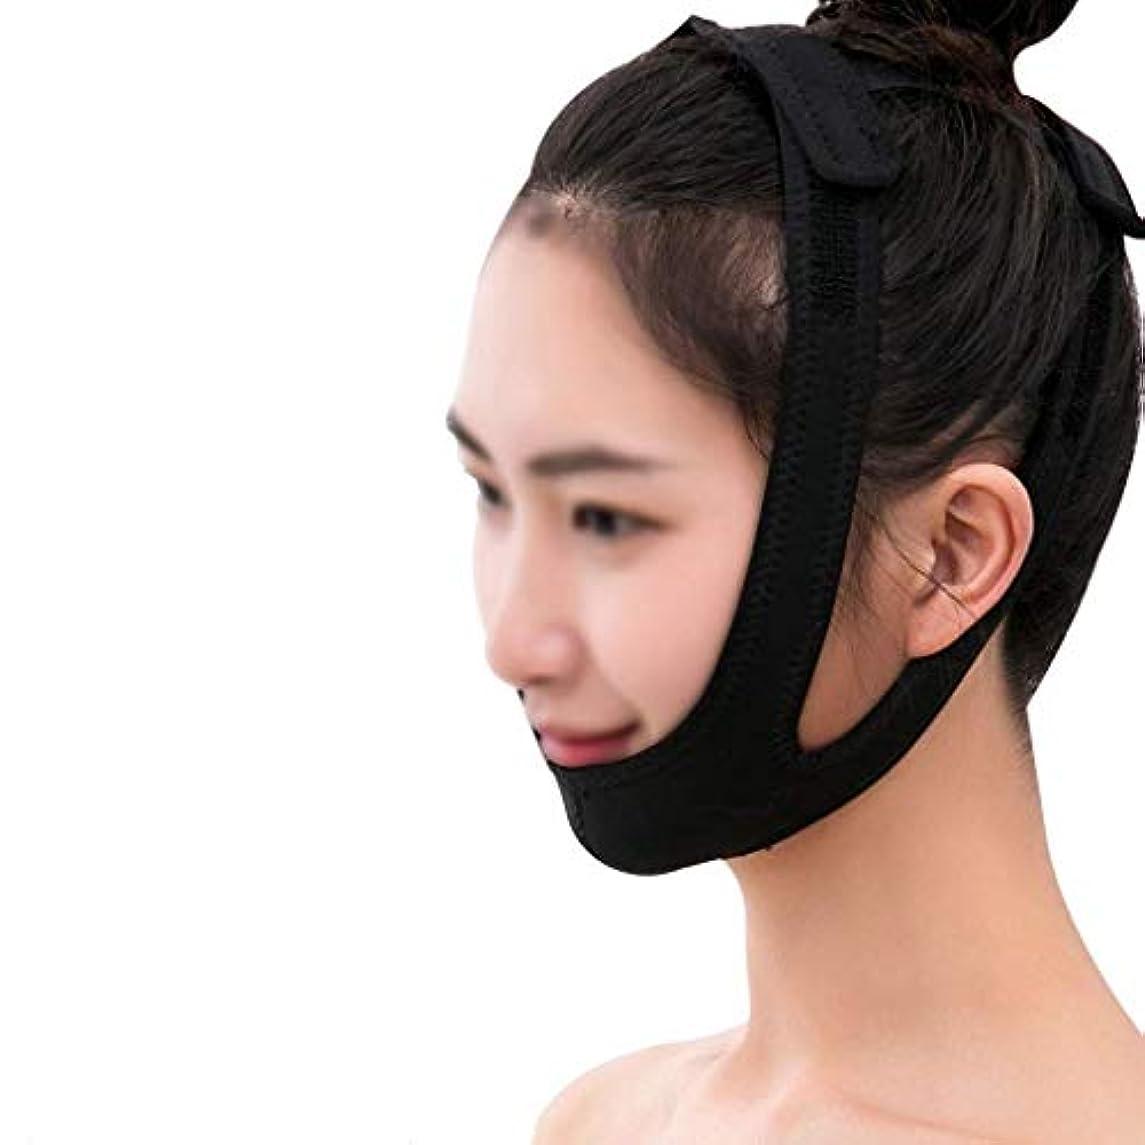 考古学者一時停止代表するフェイシャルリフティングマスク、医療用ワイヤーカービングリカバリーヘッドギアVフェイスバンデージダブルチンフェイスリフトマスク